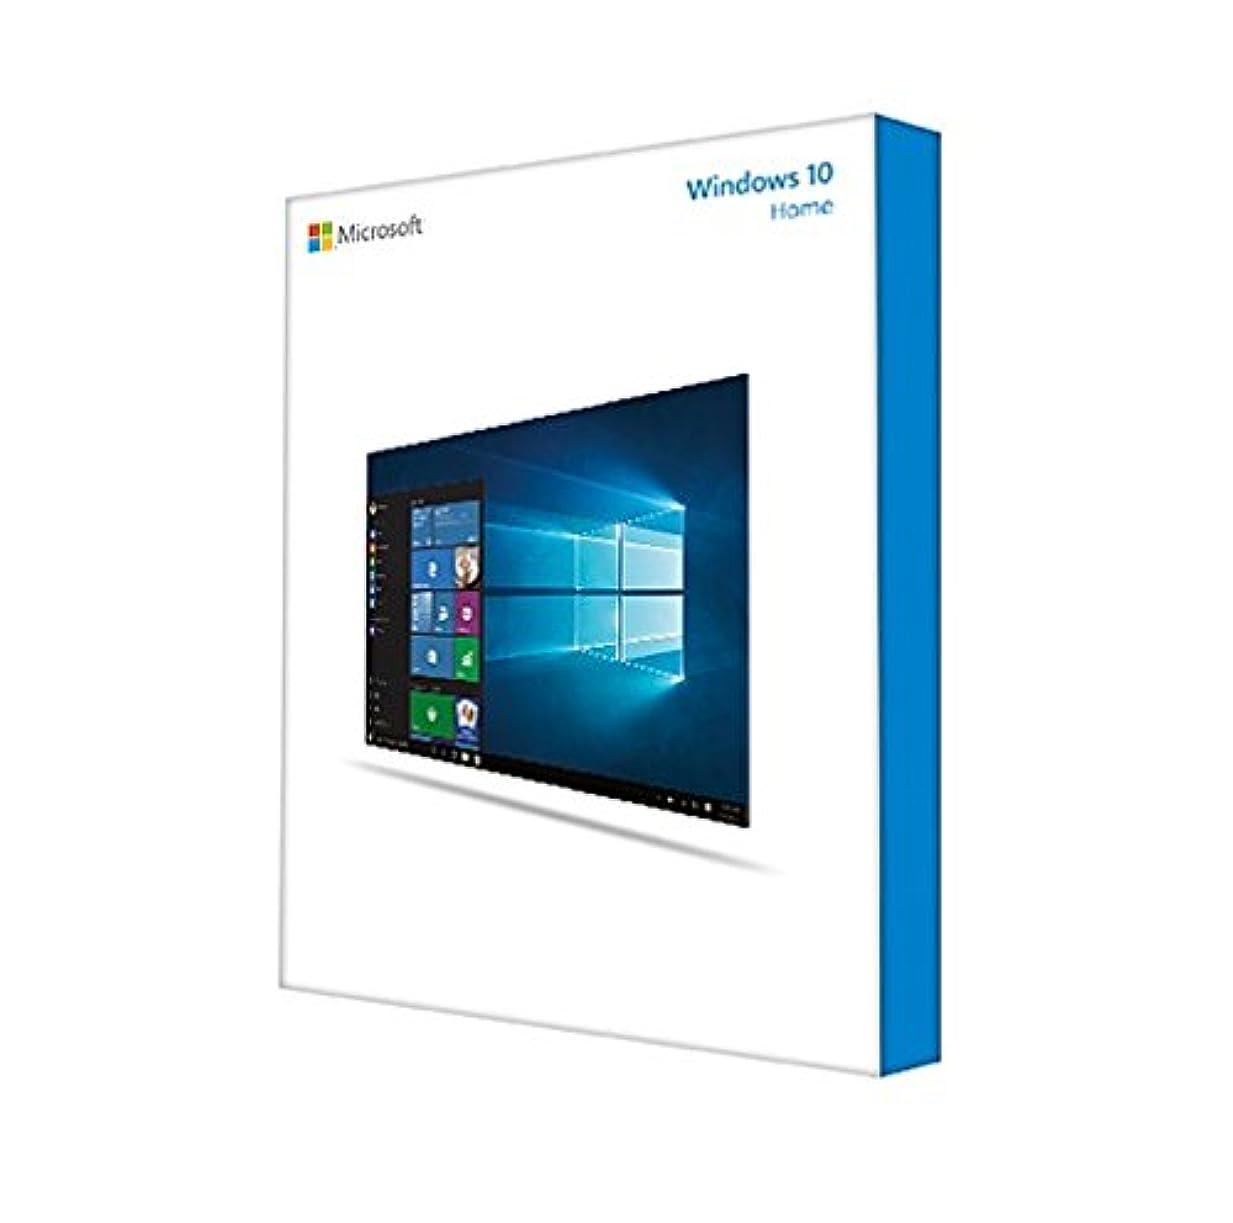 中性ジョットディボンドン積分【旧商品】Microsoft Windows 10 Home (32bit/64bit 日本語版 USBフラッシュドライブ)